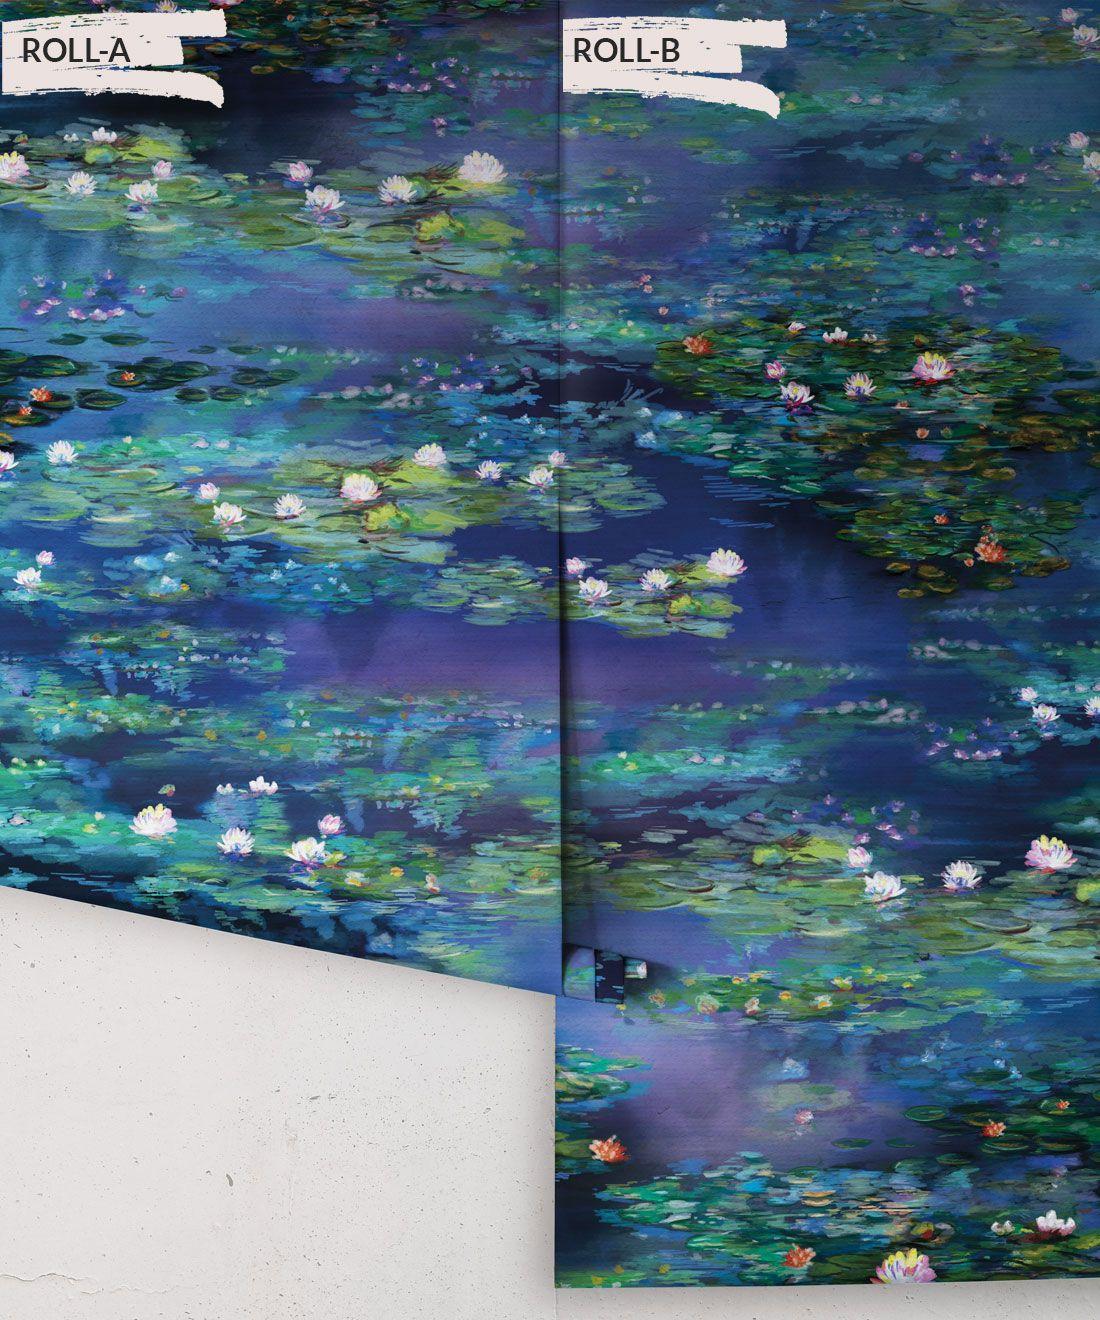 Water Lillies Wallpaper •Abstract Wallpaper • Dreamy Wallpaper • Blue Wallpaper •Rolls